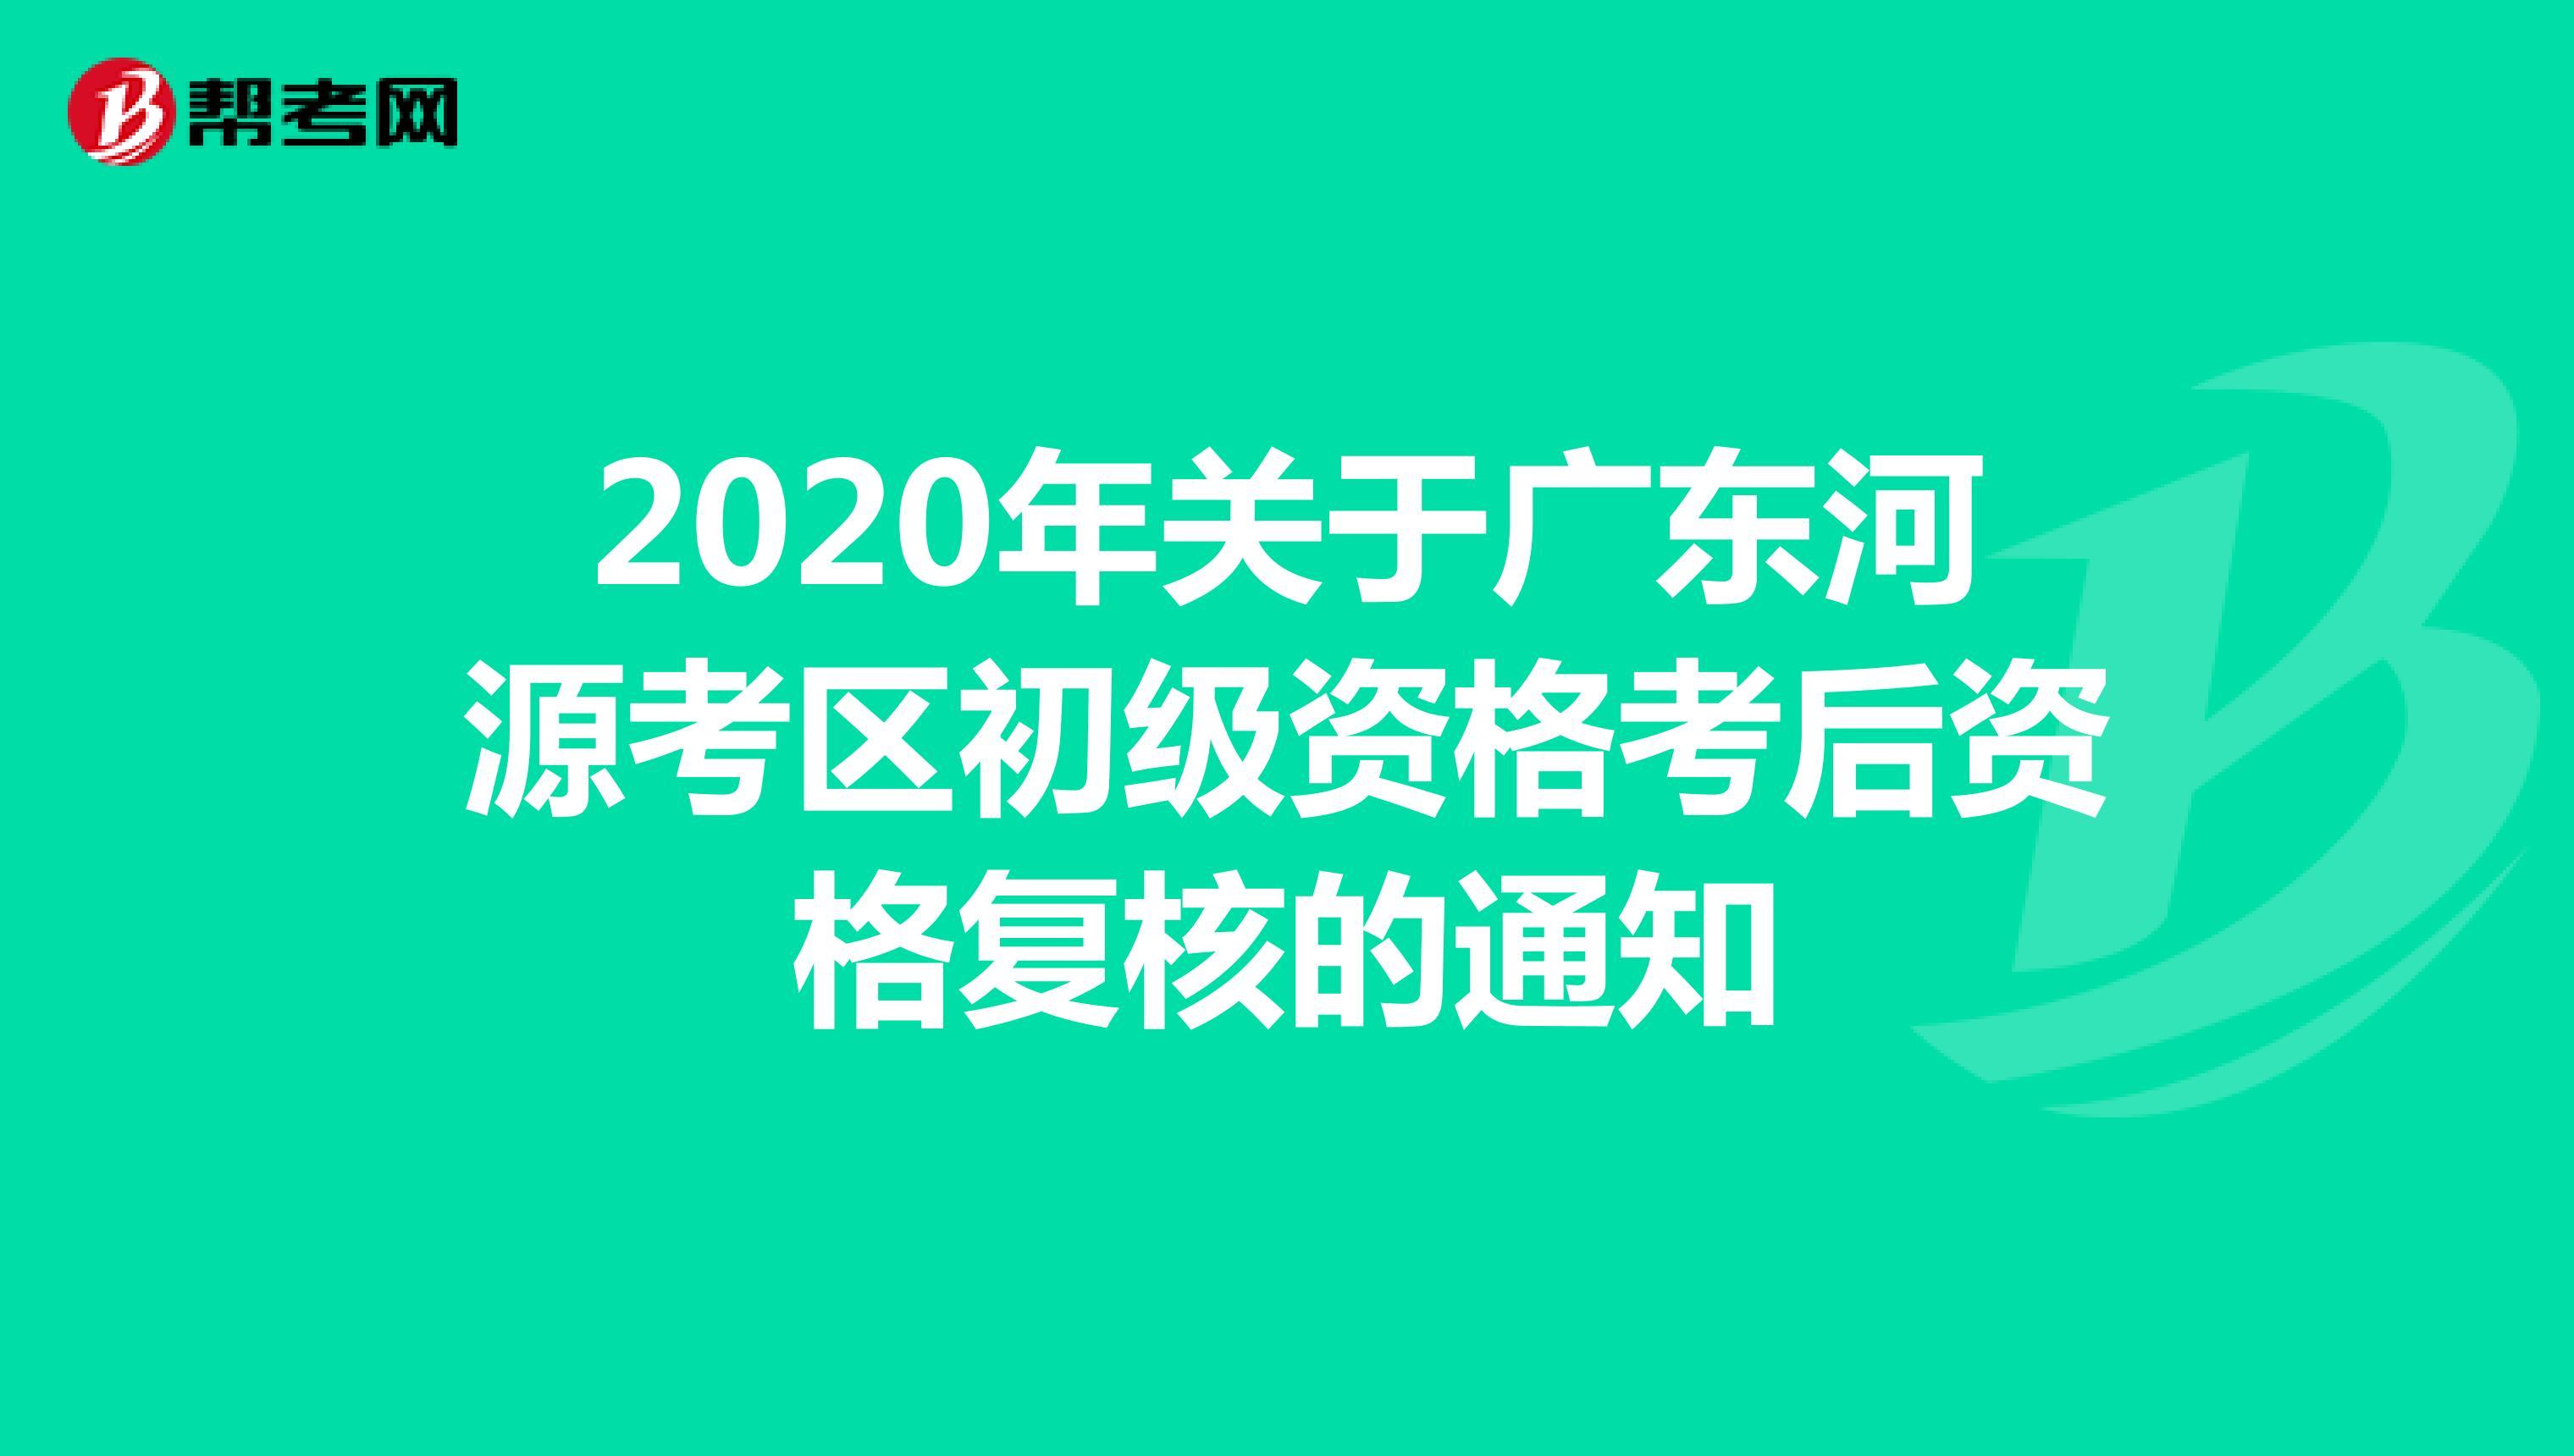 广东省河源考区初会app考后复核时间:10月19日至10月28日